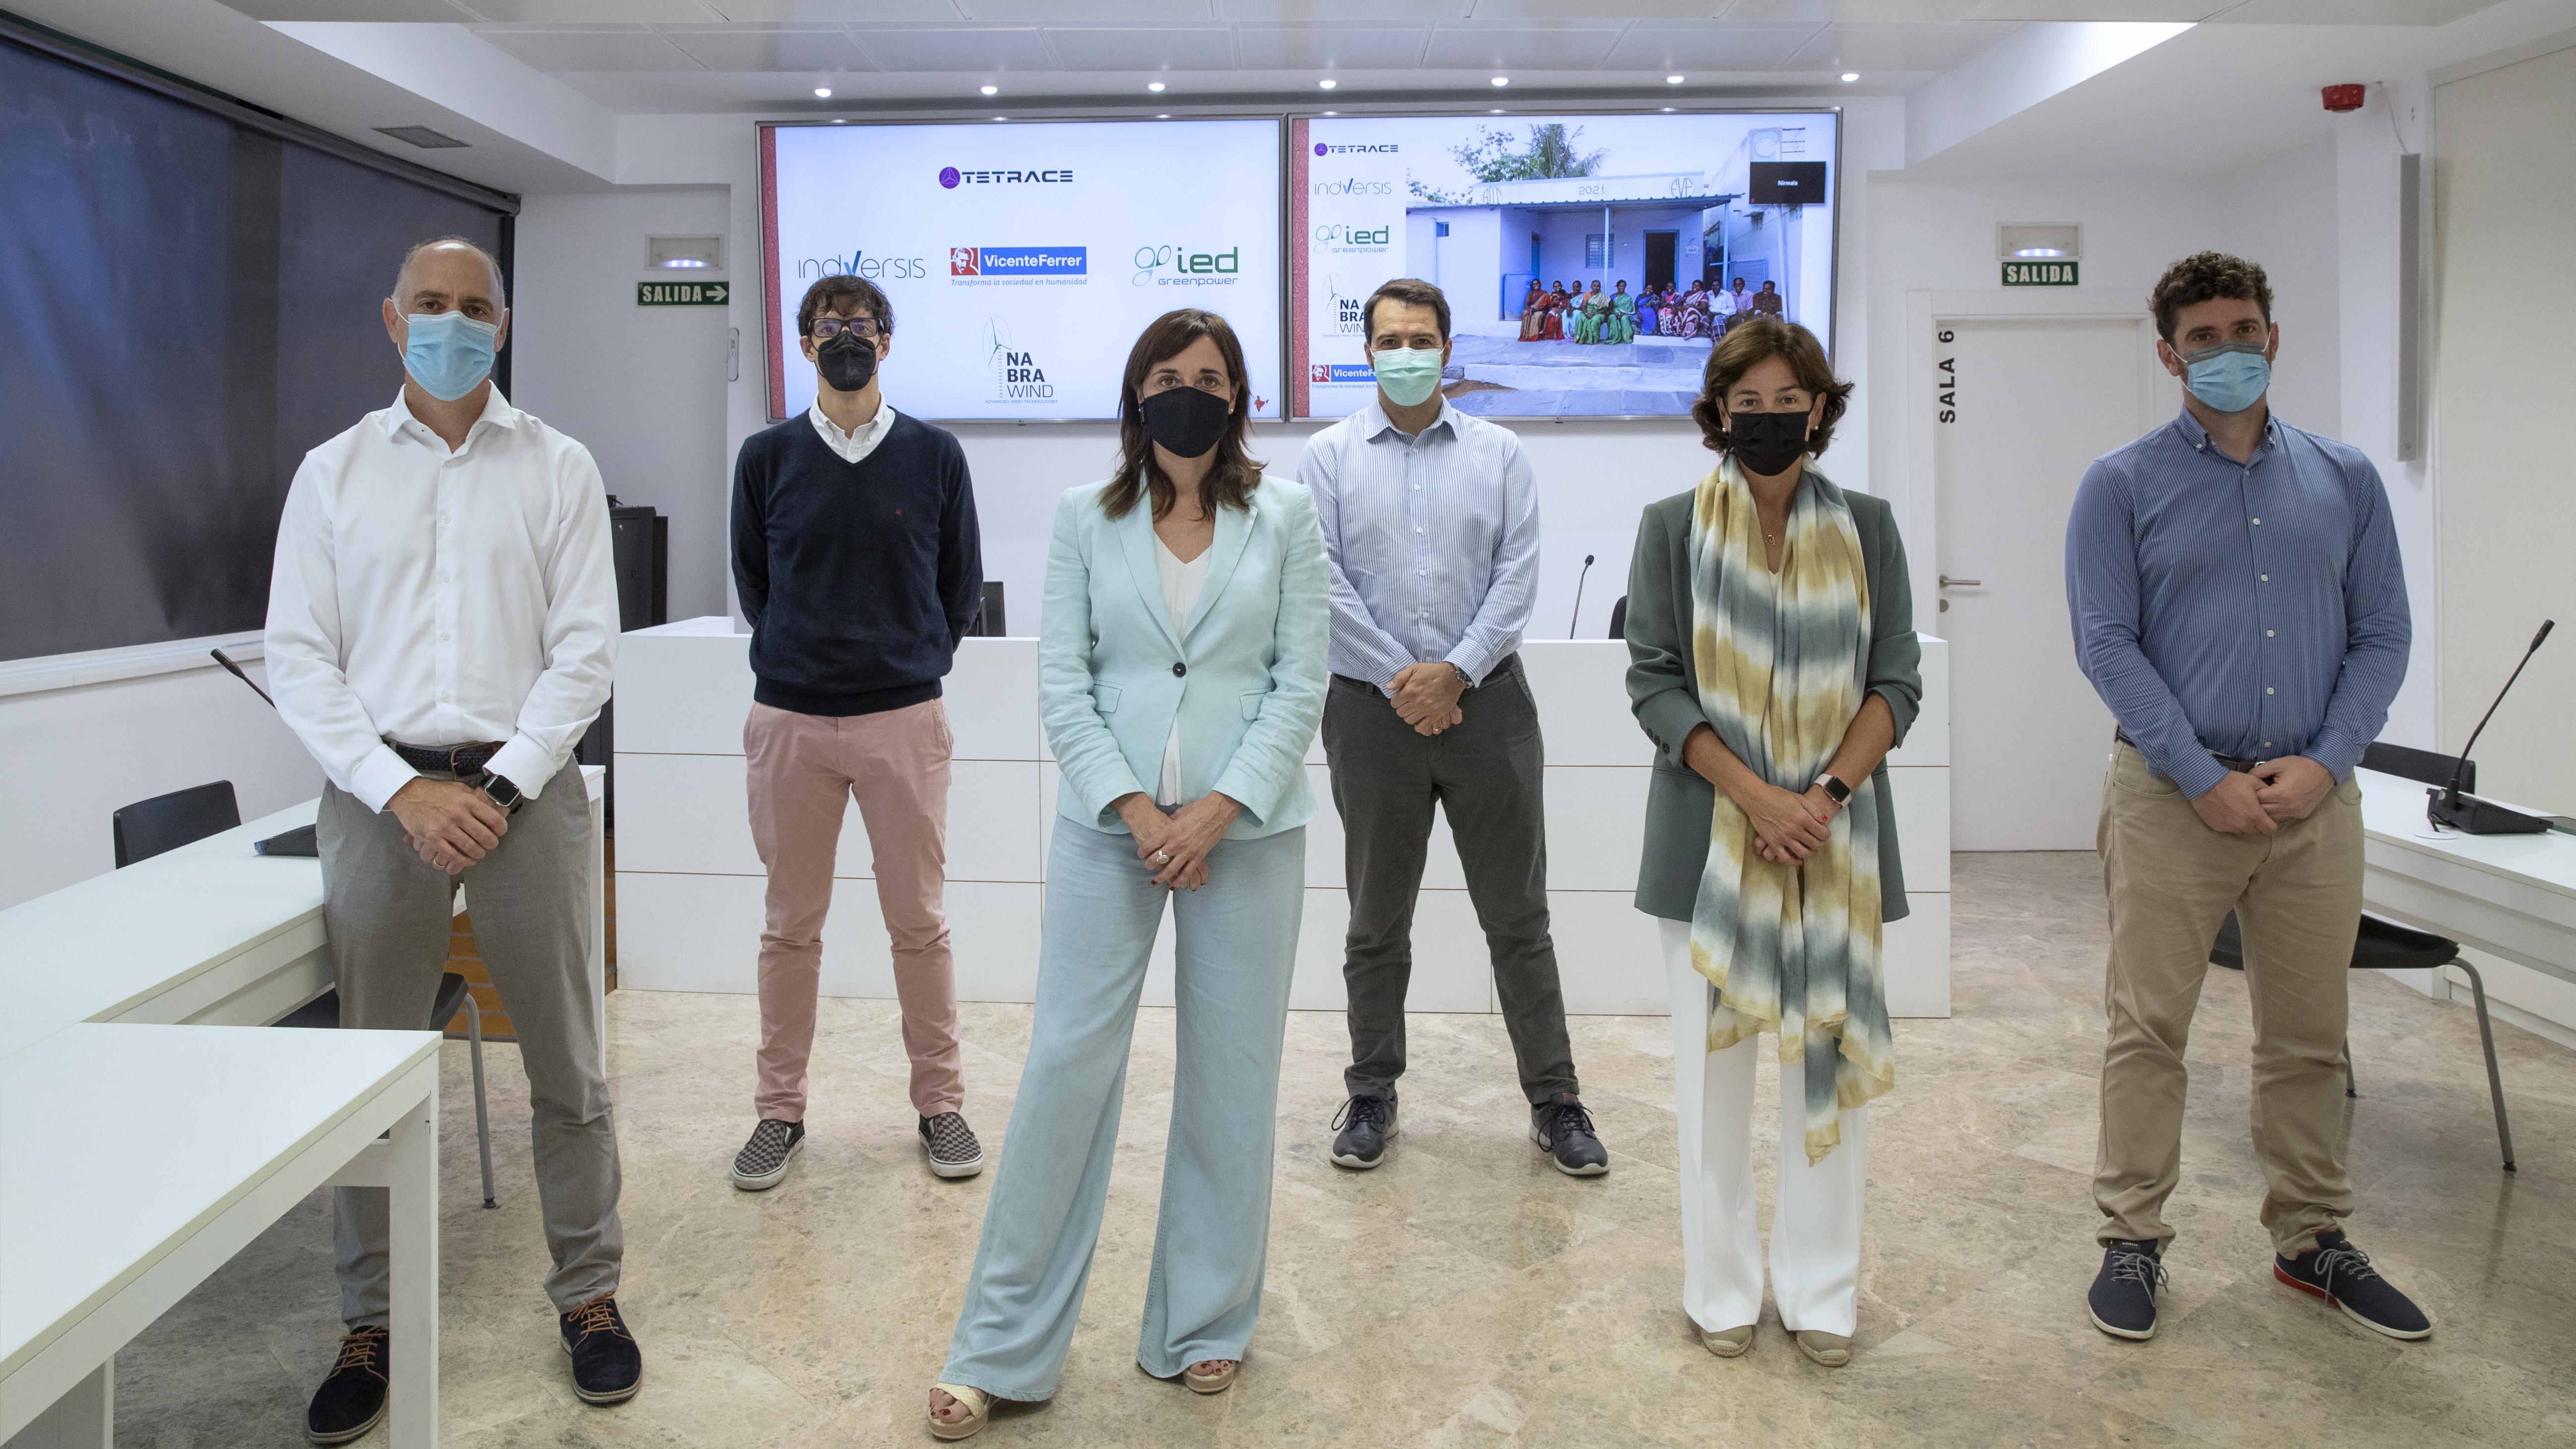 Imagen de los representantes de las empresas navarras que colaboran con la Fundación Vicente Ferrer. FUNDACIÓN VICENTE FERRER